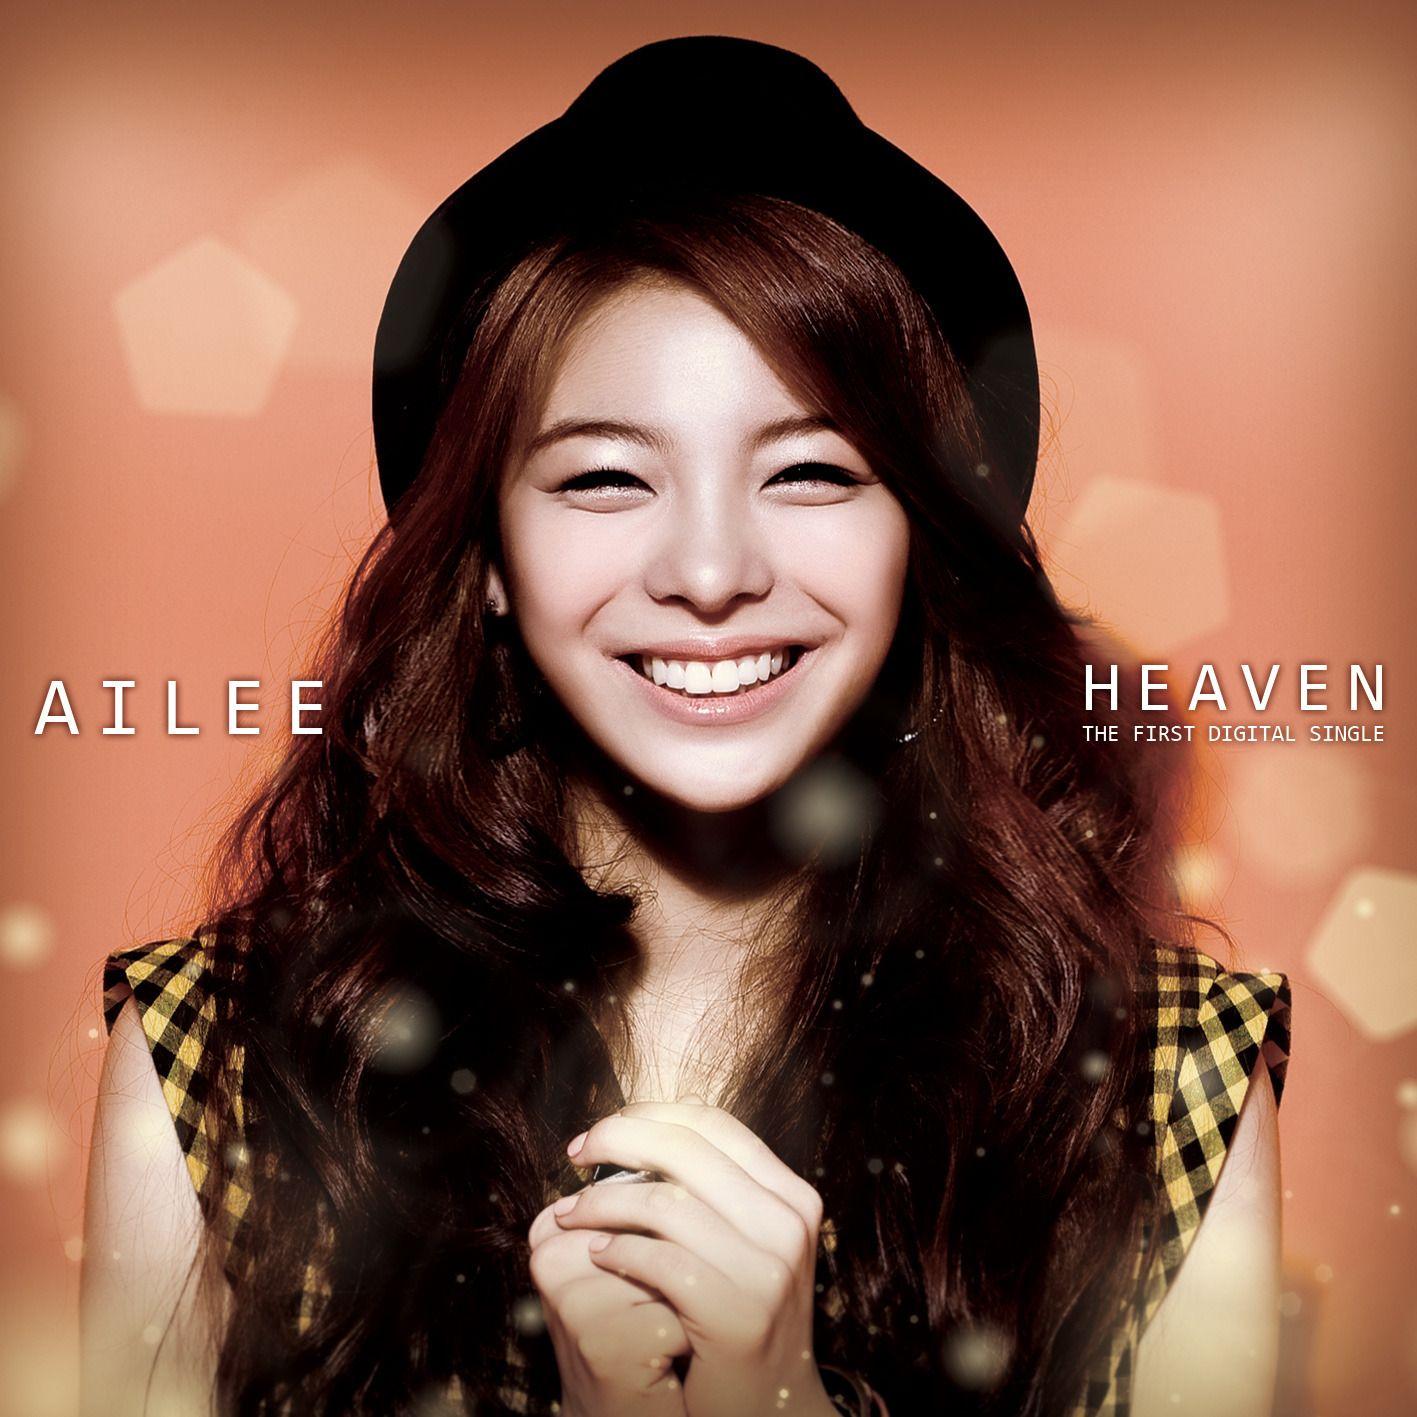 Pin By Allison Isabel On J Pop K Pop Obsession Ailee Pop Star Korean Pop Stars